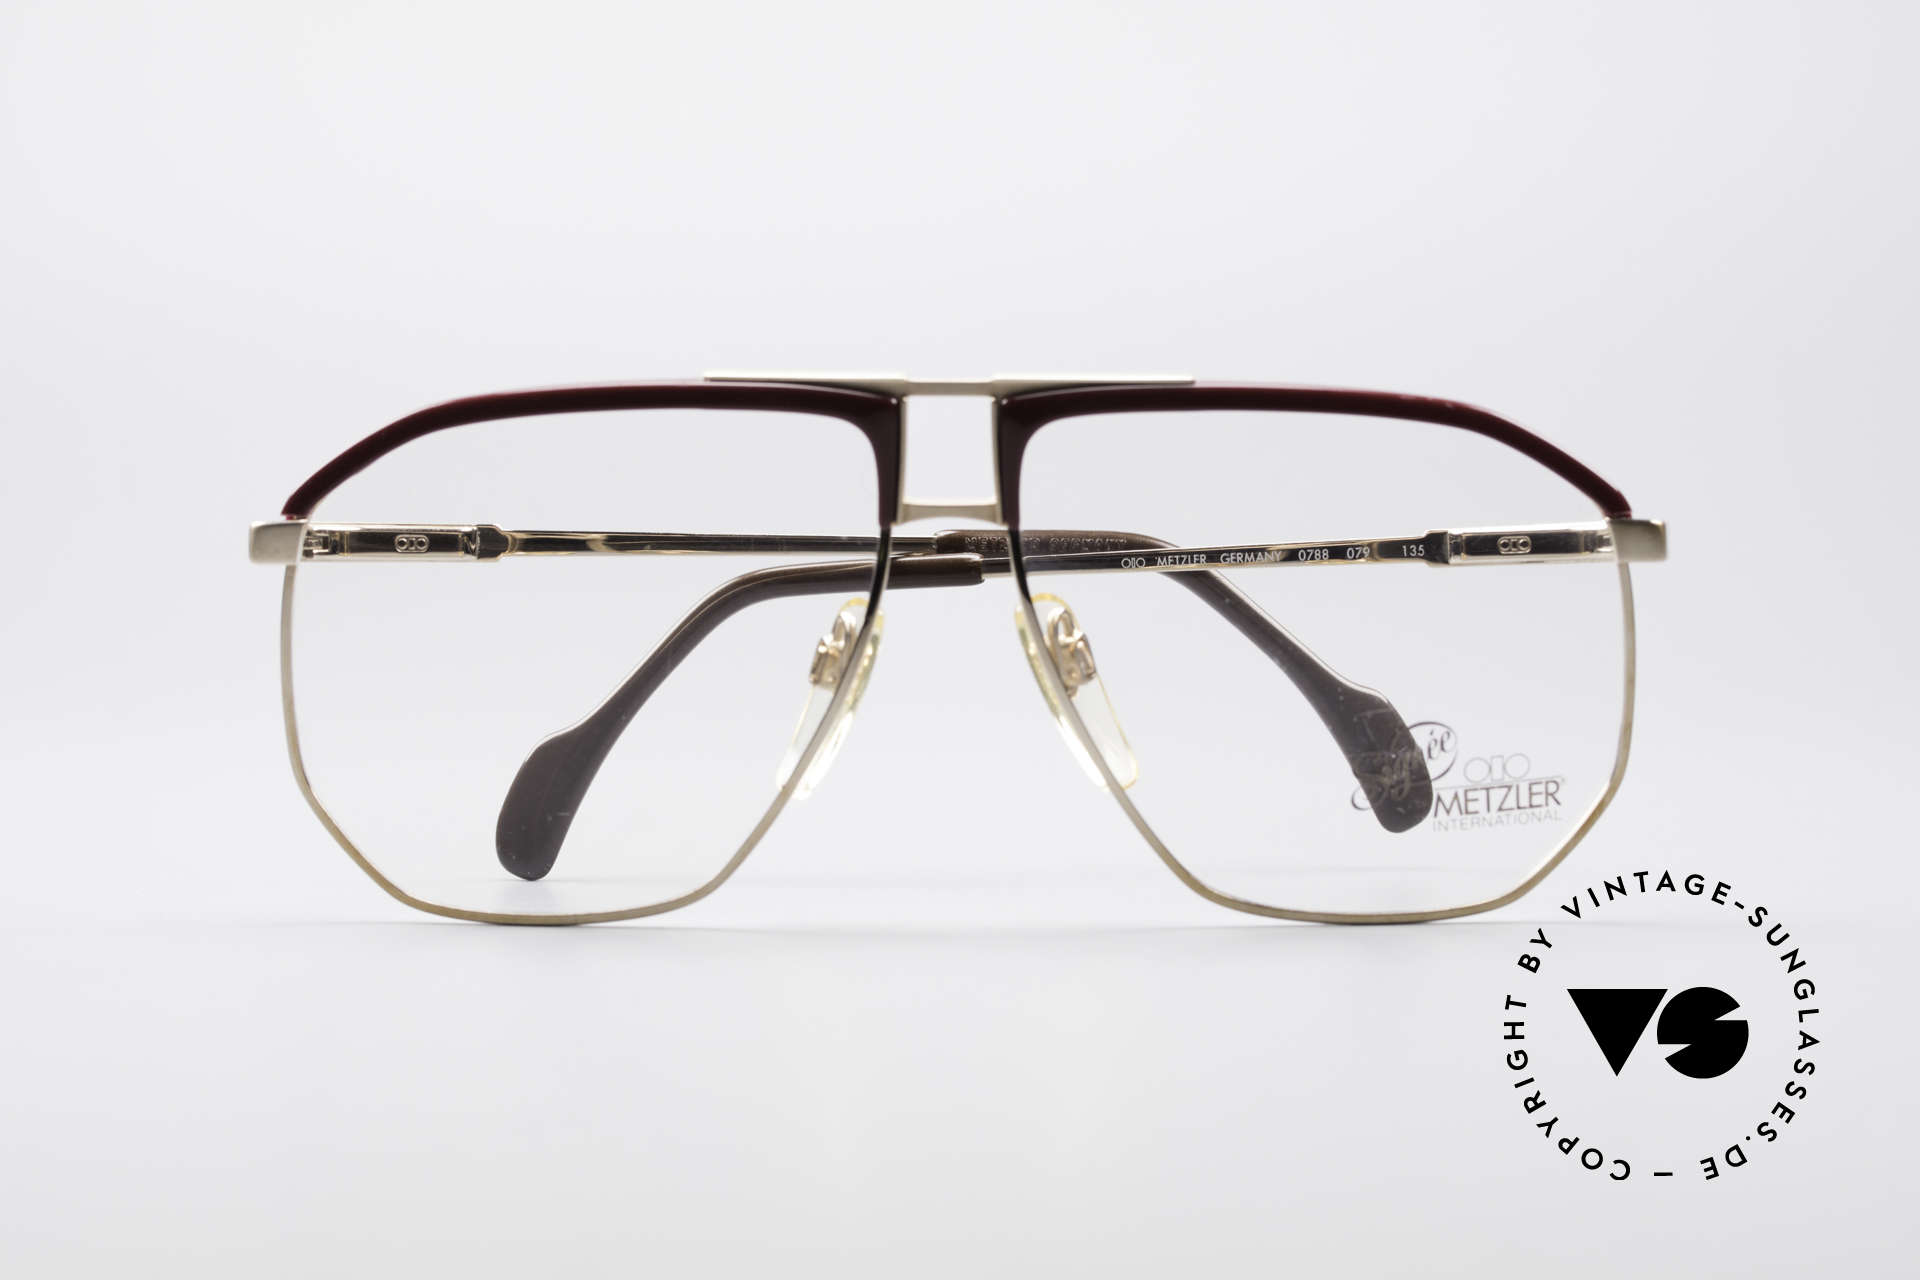 Metzler 0788 True Vintage 80's Glasses, the frame is made for optical lenses or tinted sun lenses, Made for Men